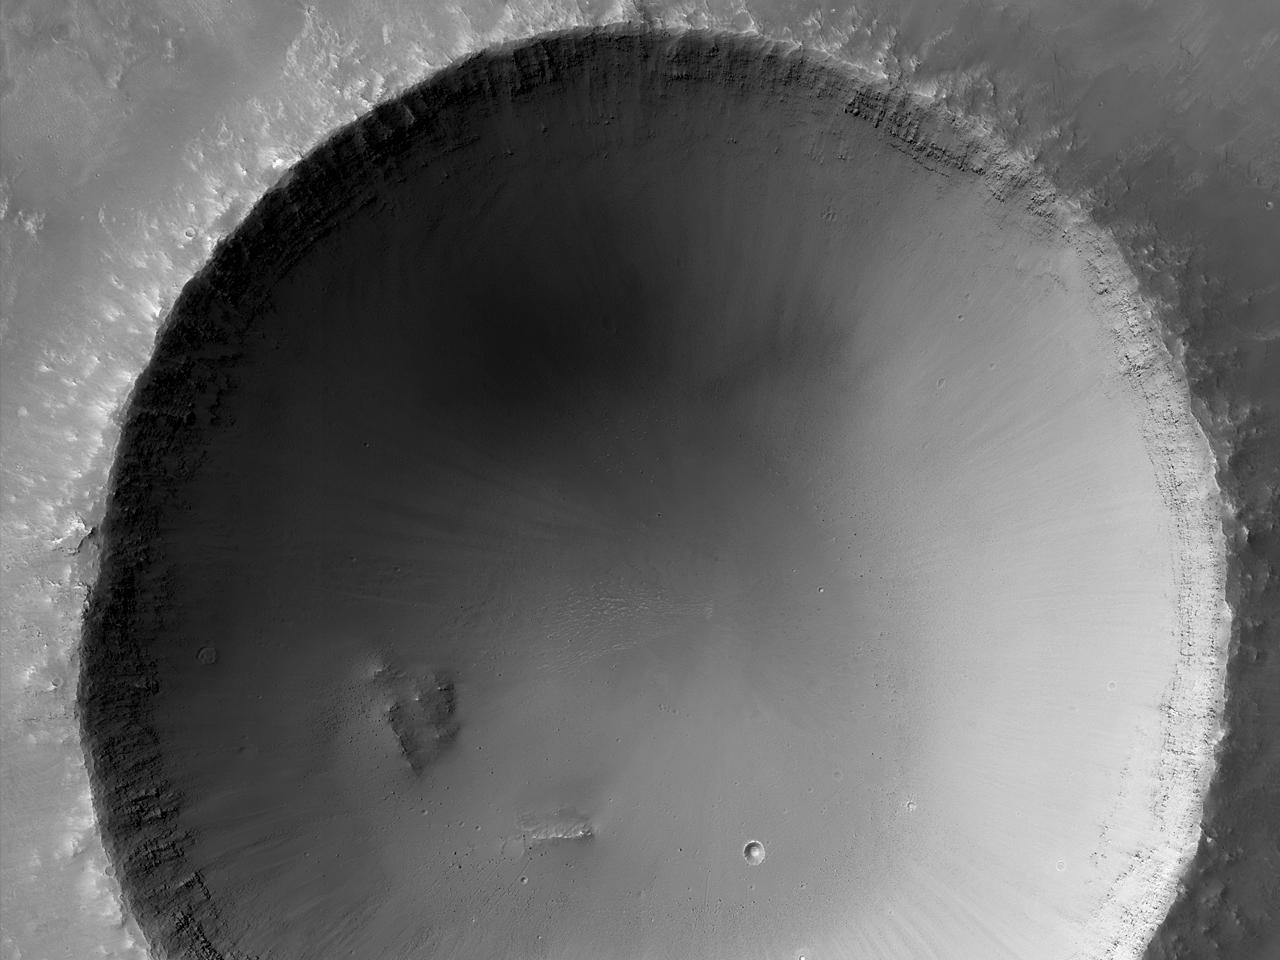 Хорошо сохранившийся 4-километровый ударный кратер